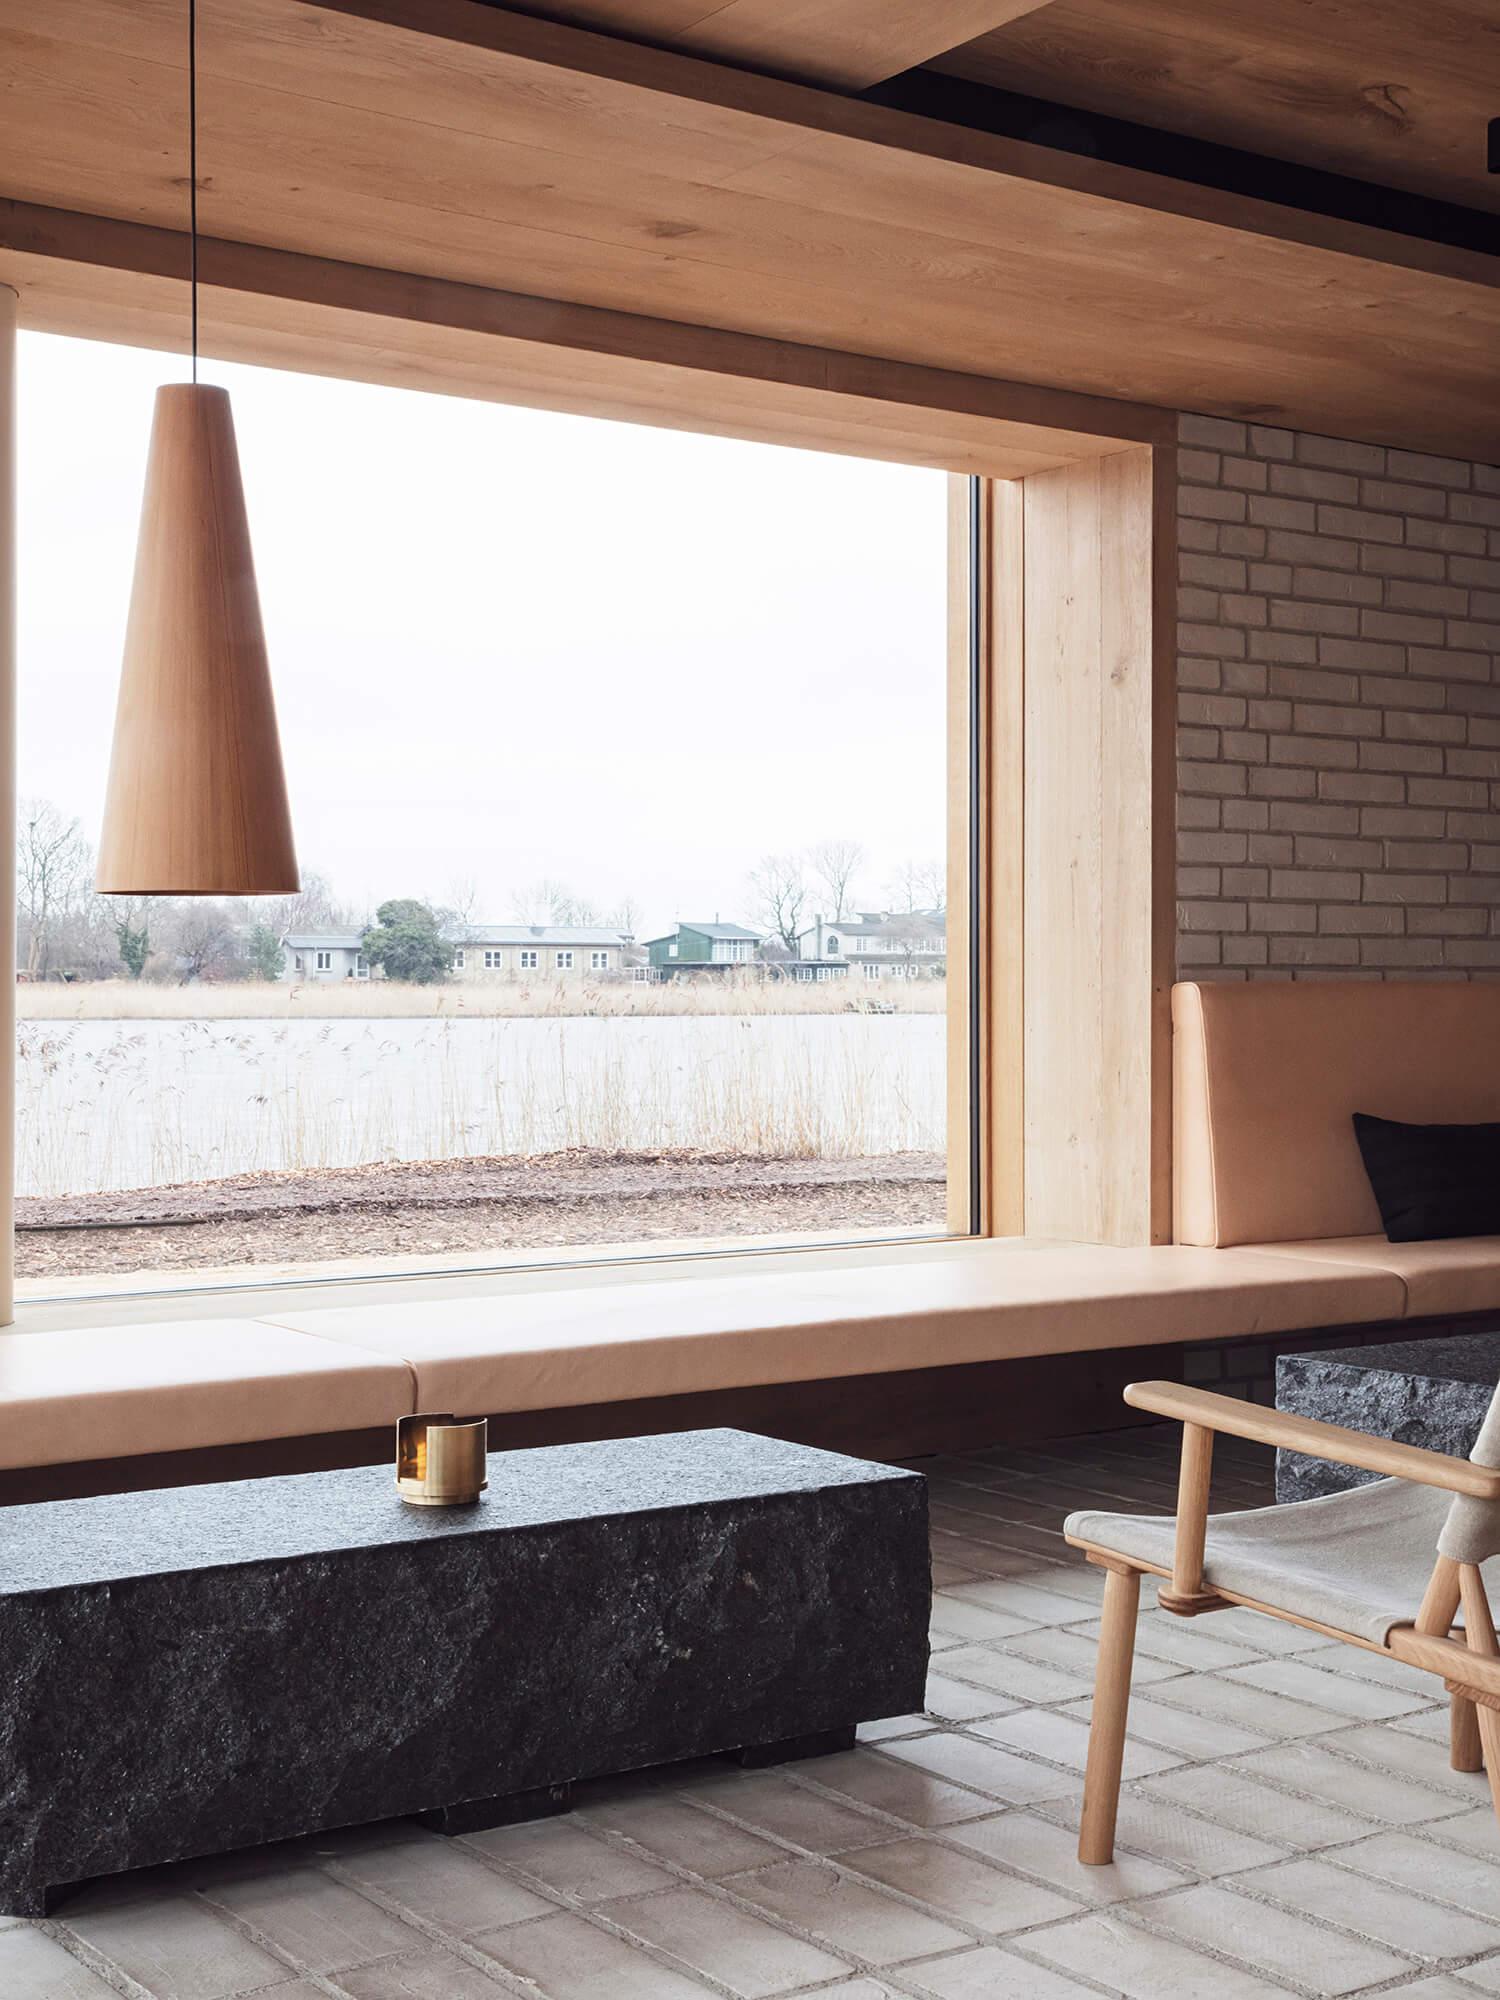 est living interiors Noma 12